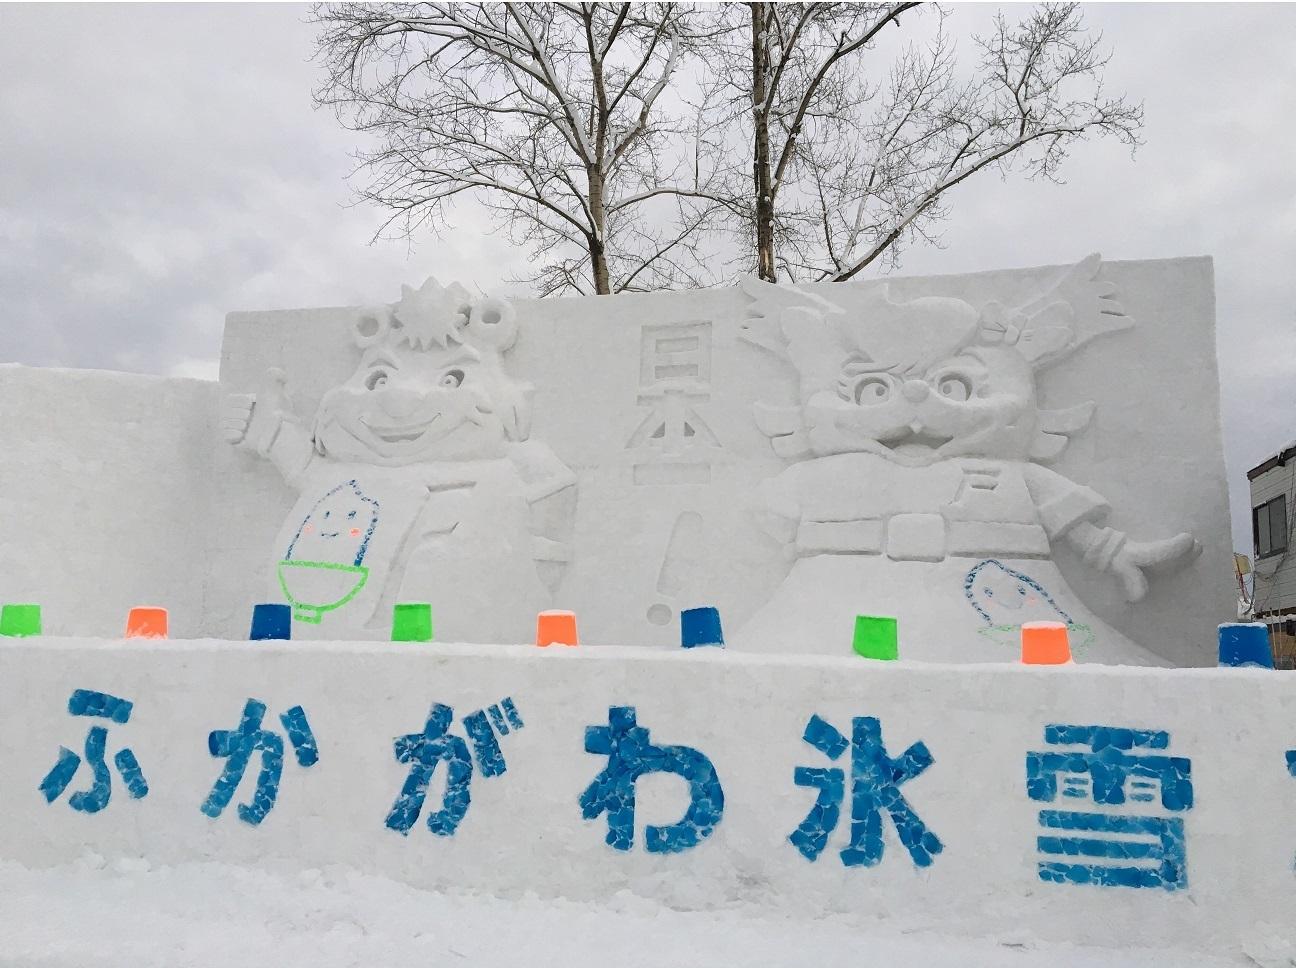 雪遊び!_a0356060_12414688.jpg